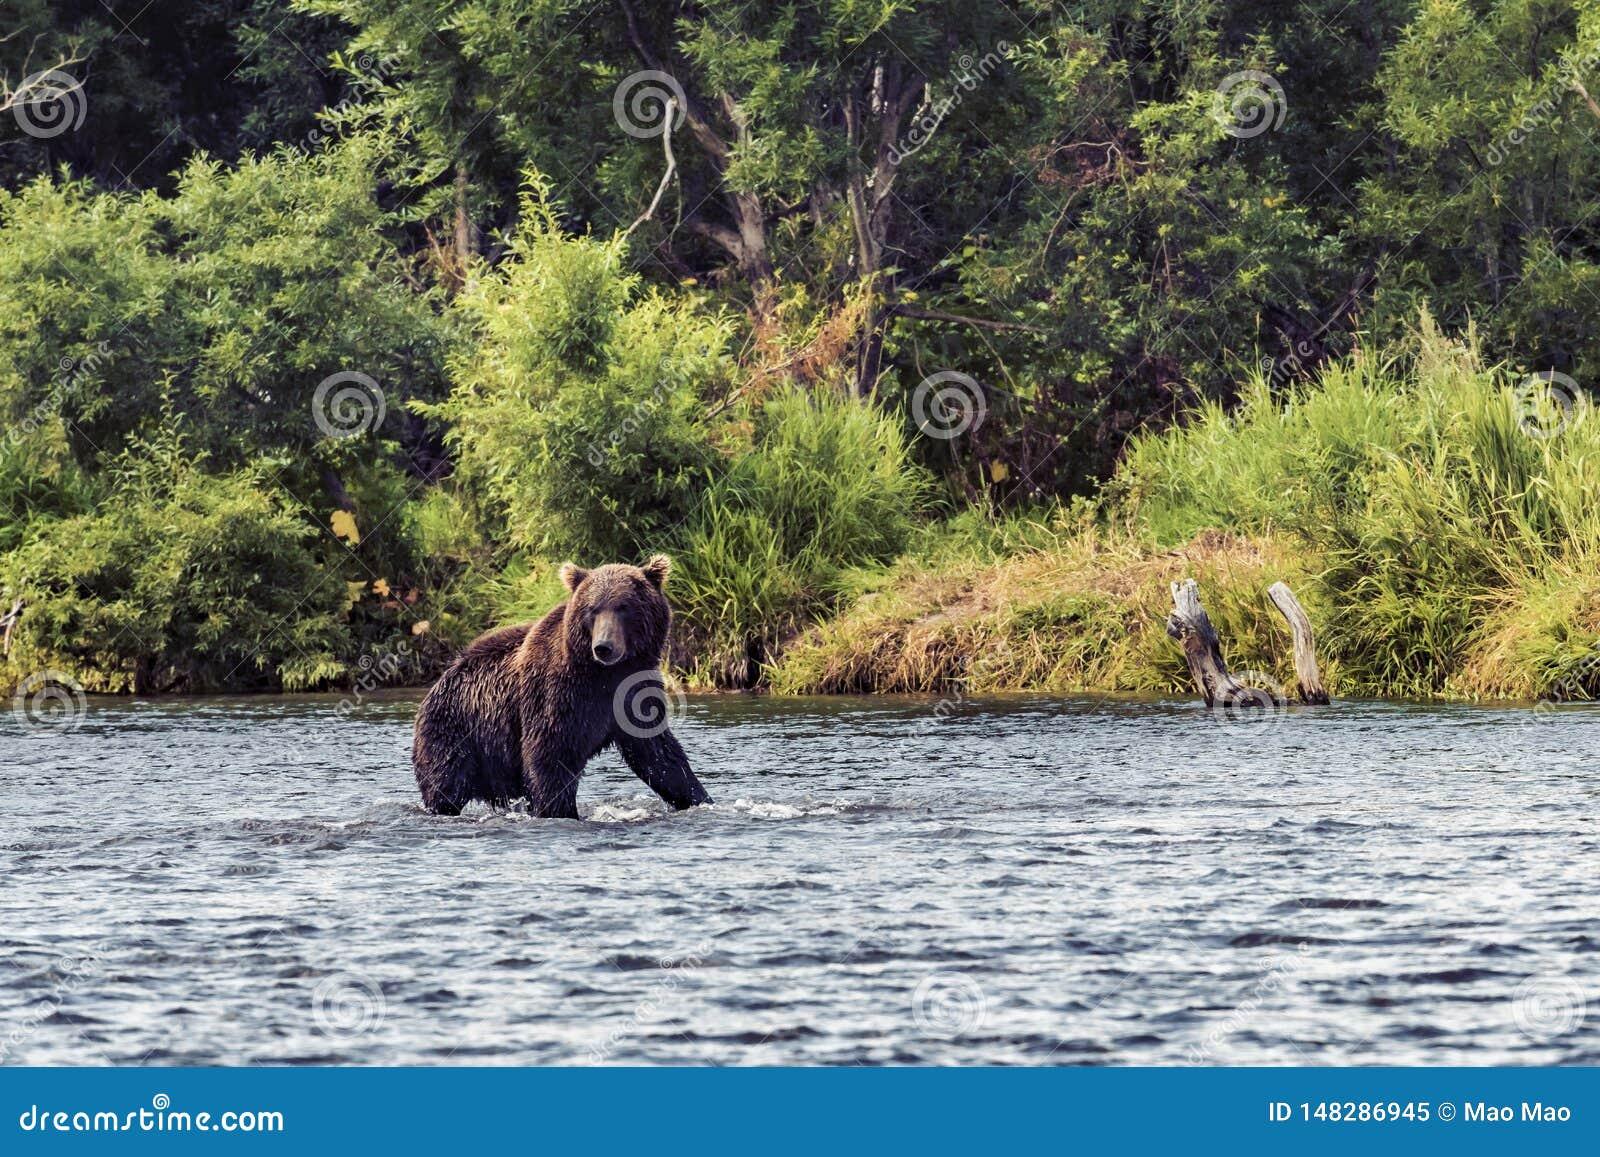 Draag in Kamchatka Een bruine beer in het water in Kamchatka, Rusland